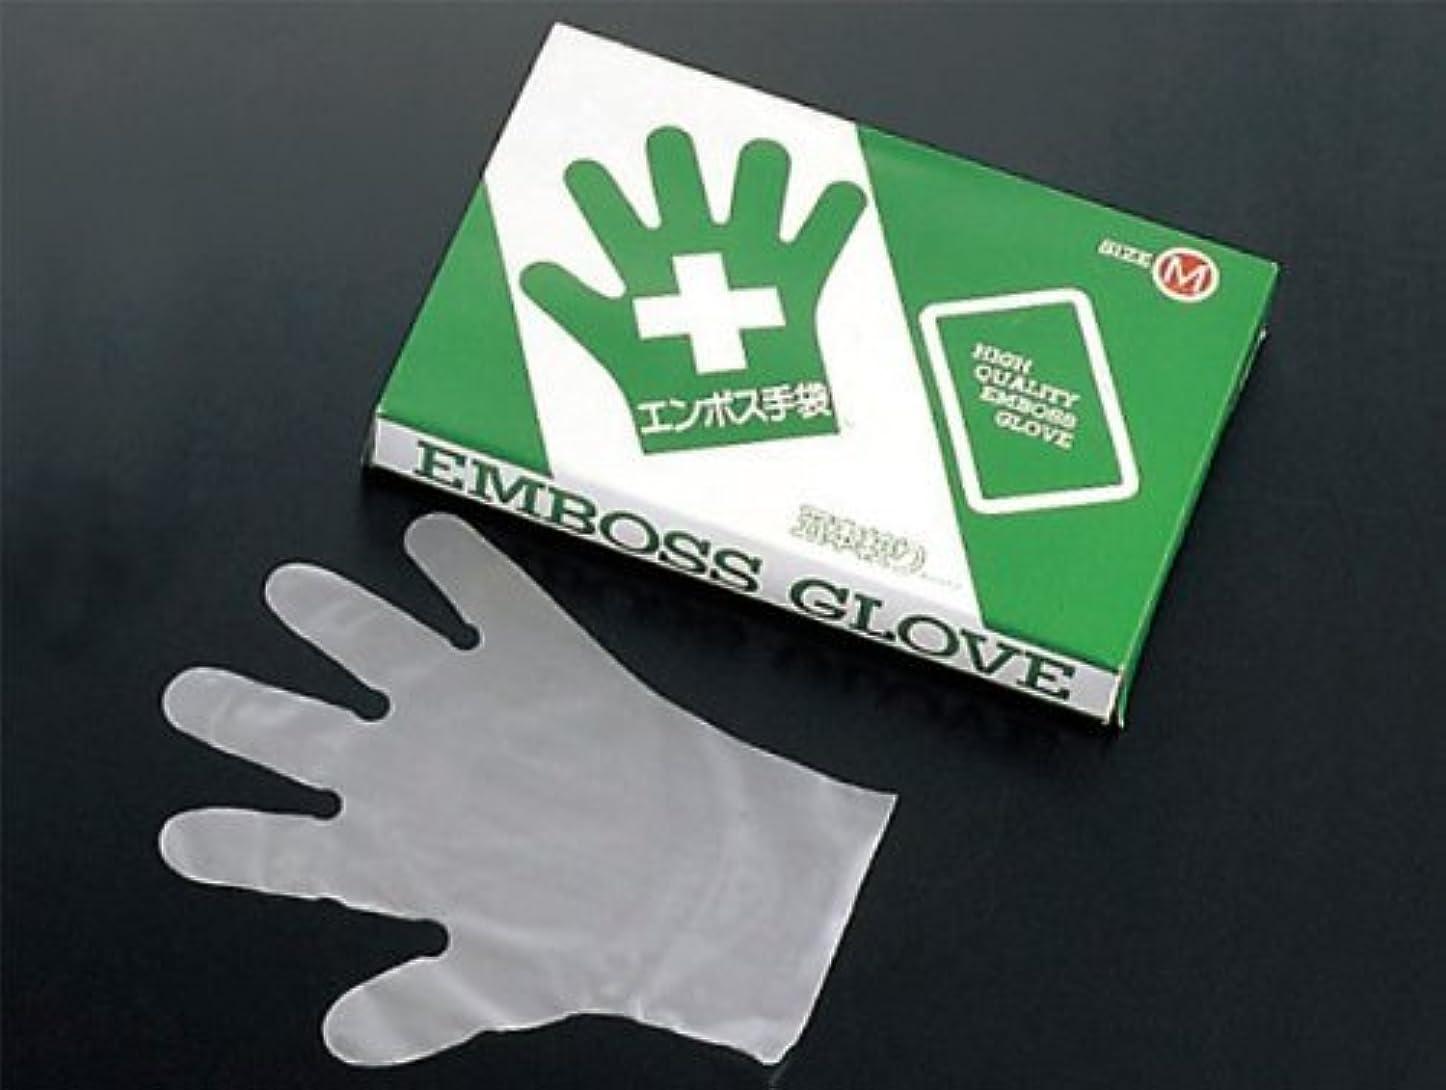 シュリンク解き明かすフィードバックエコノミー 手袋 #28 化粧箱(五本絞り)200枚入 L(外)27μ